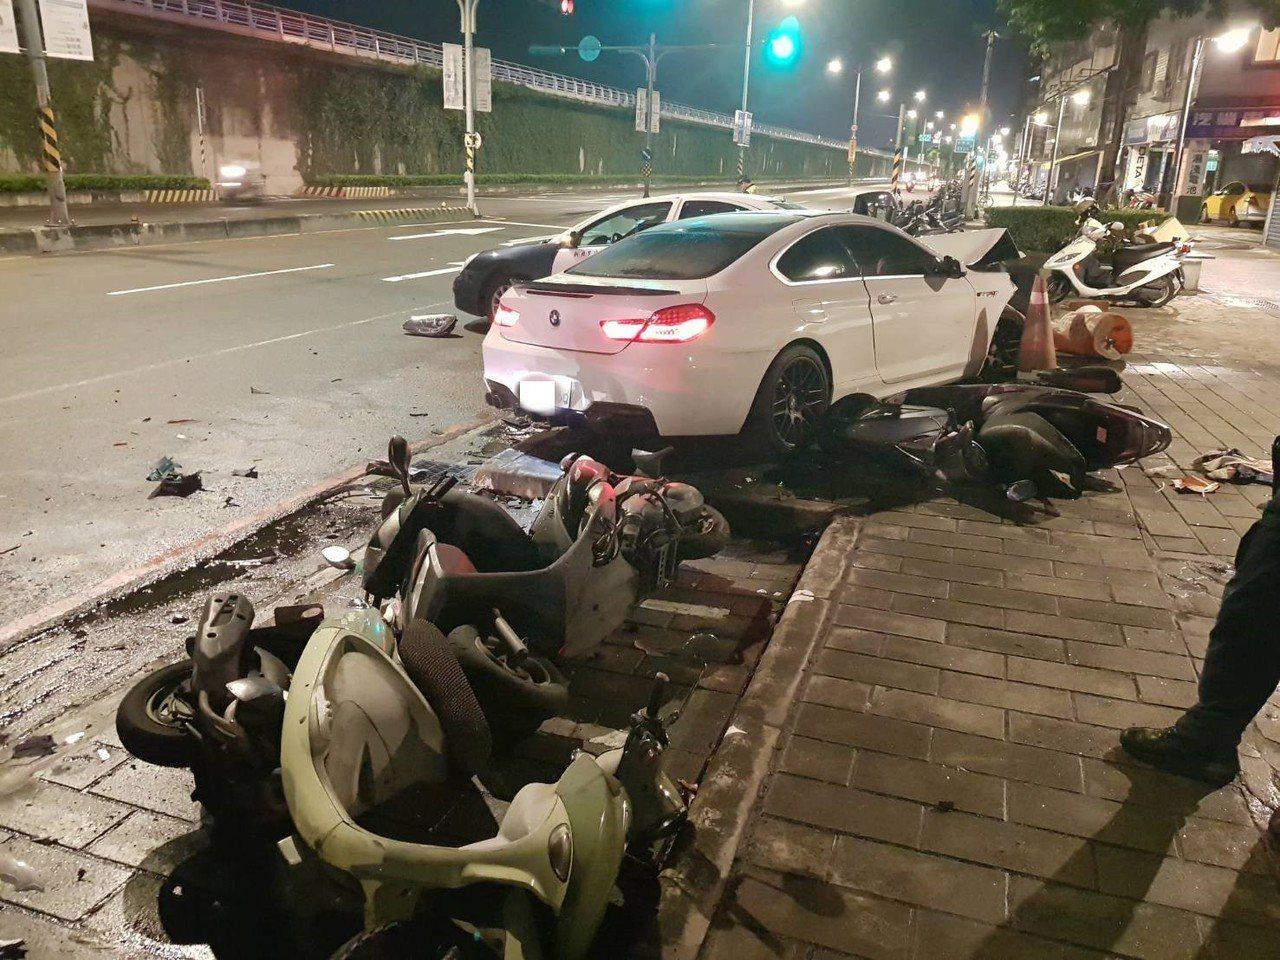 鄧姓男子昨晚11時許駕駛BMW行經永和區環河東路一段時,疑因分心撿手機未注意路況...